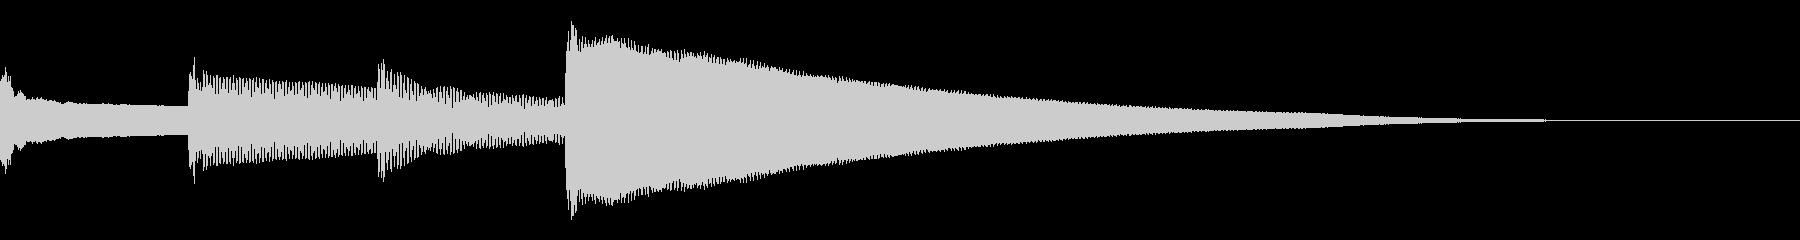 呼び出しベル 上昇(ピンポンパンポーン)の未再生の波形